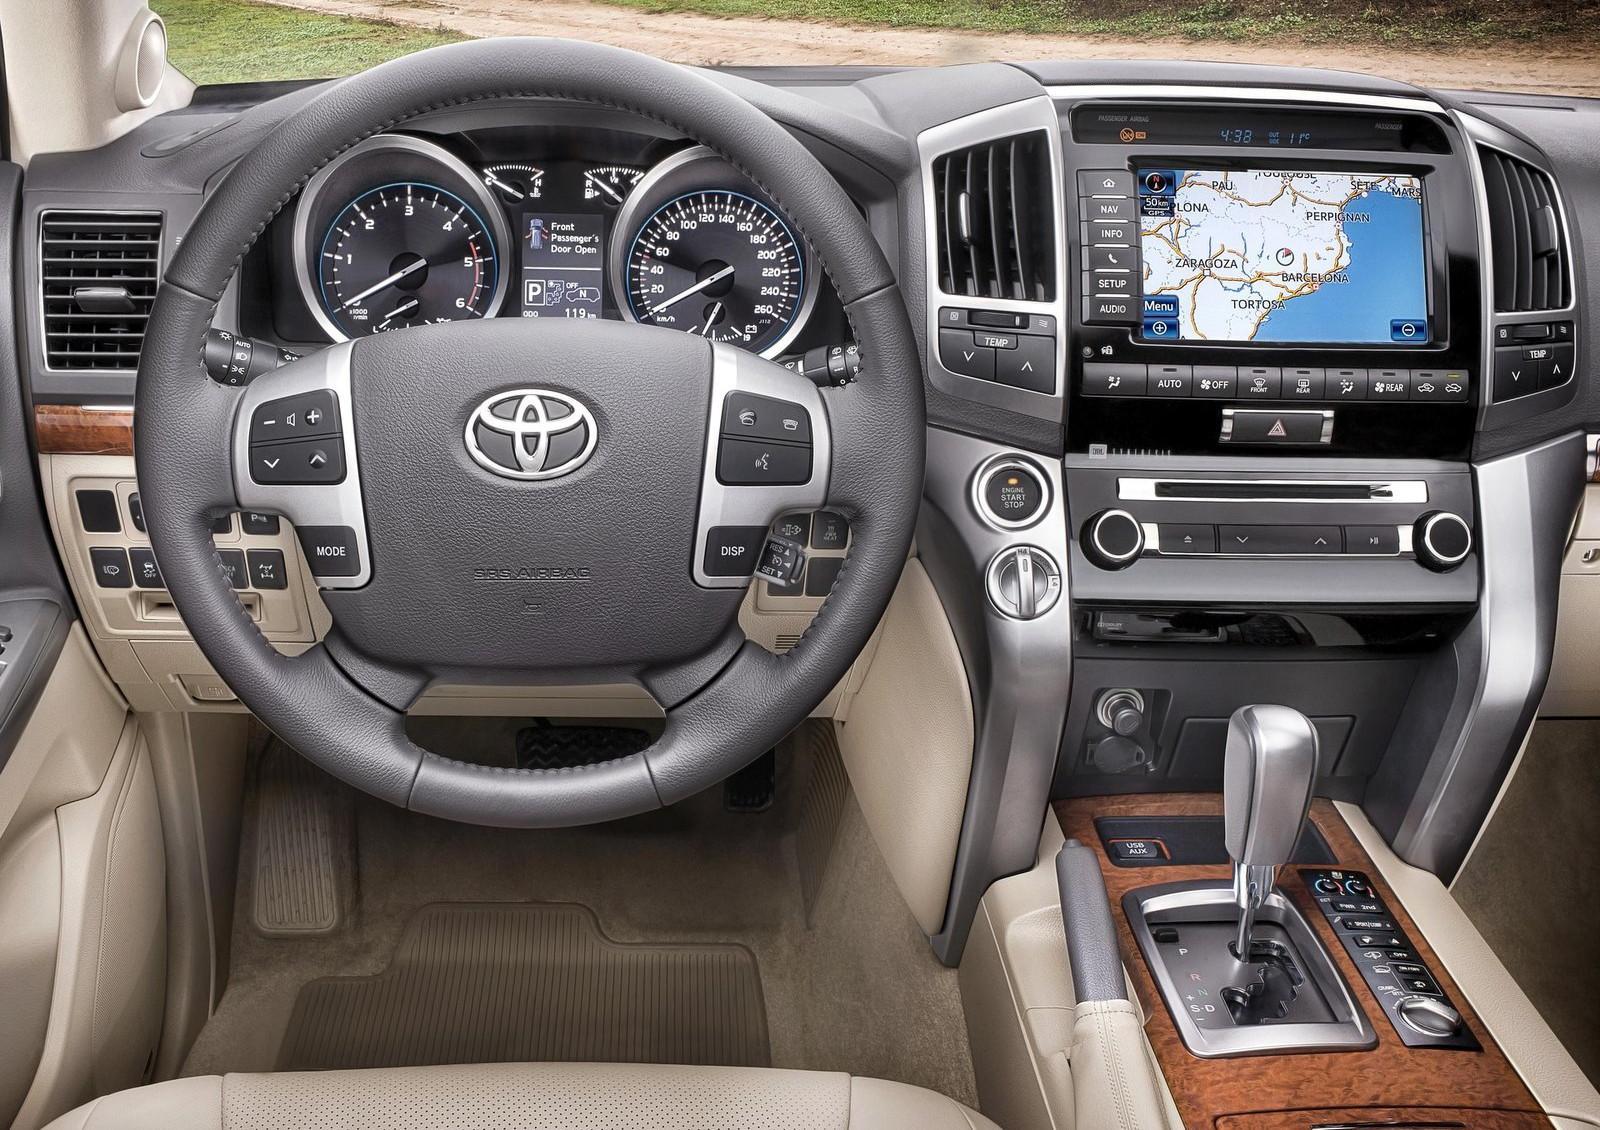 Специалист рассказал обопасности старта автомобиля со 2-ой передачи